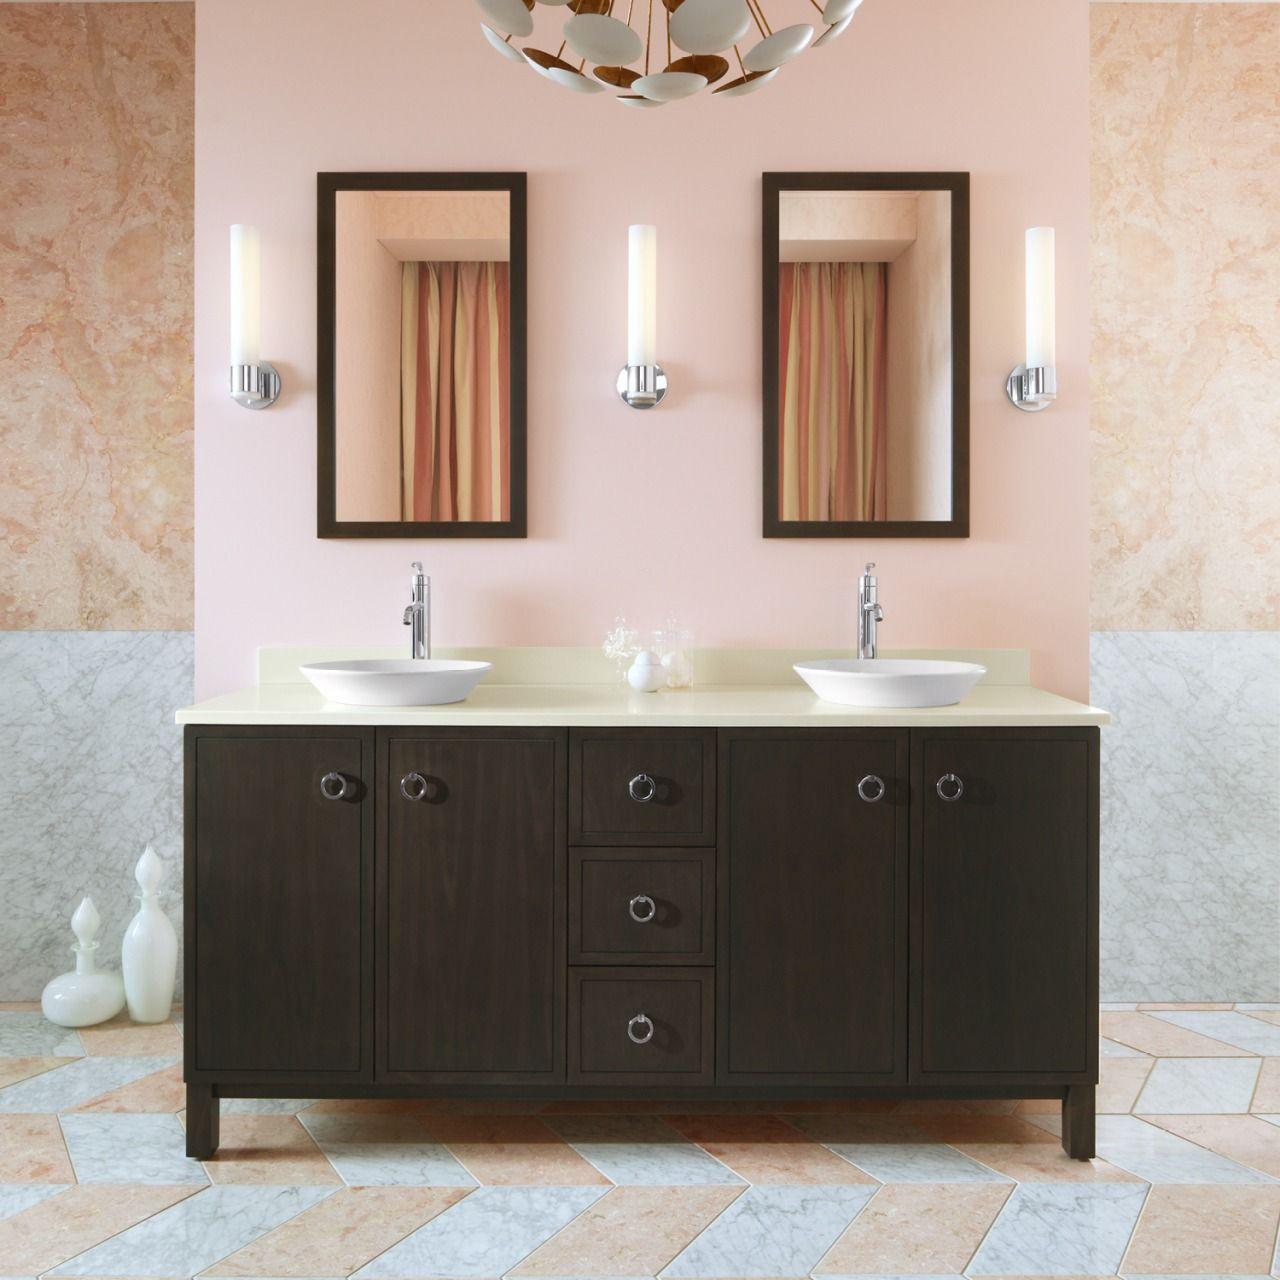 Kohler Bathroom Vanity  Jacquard Vanity